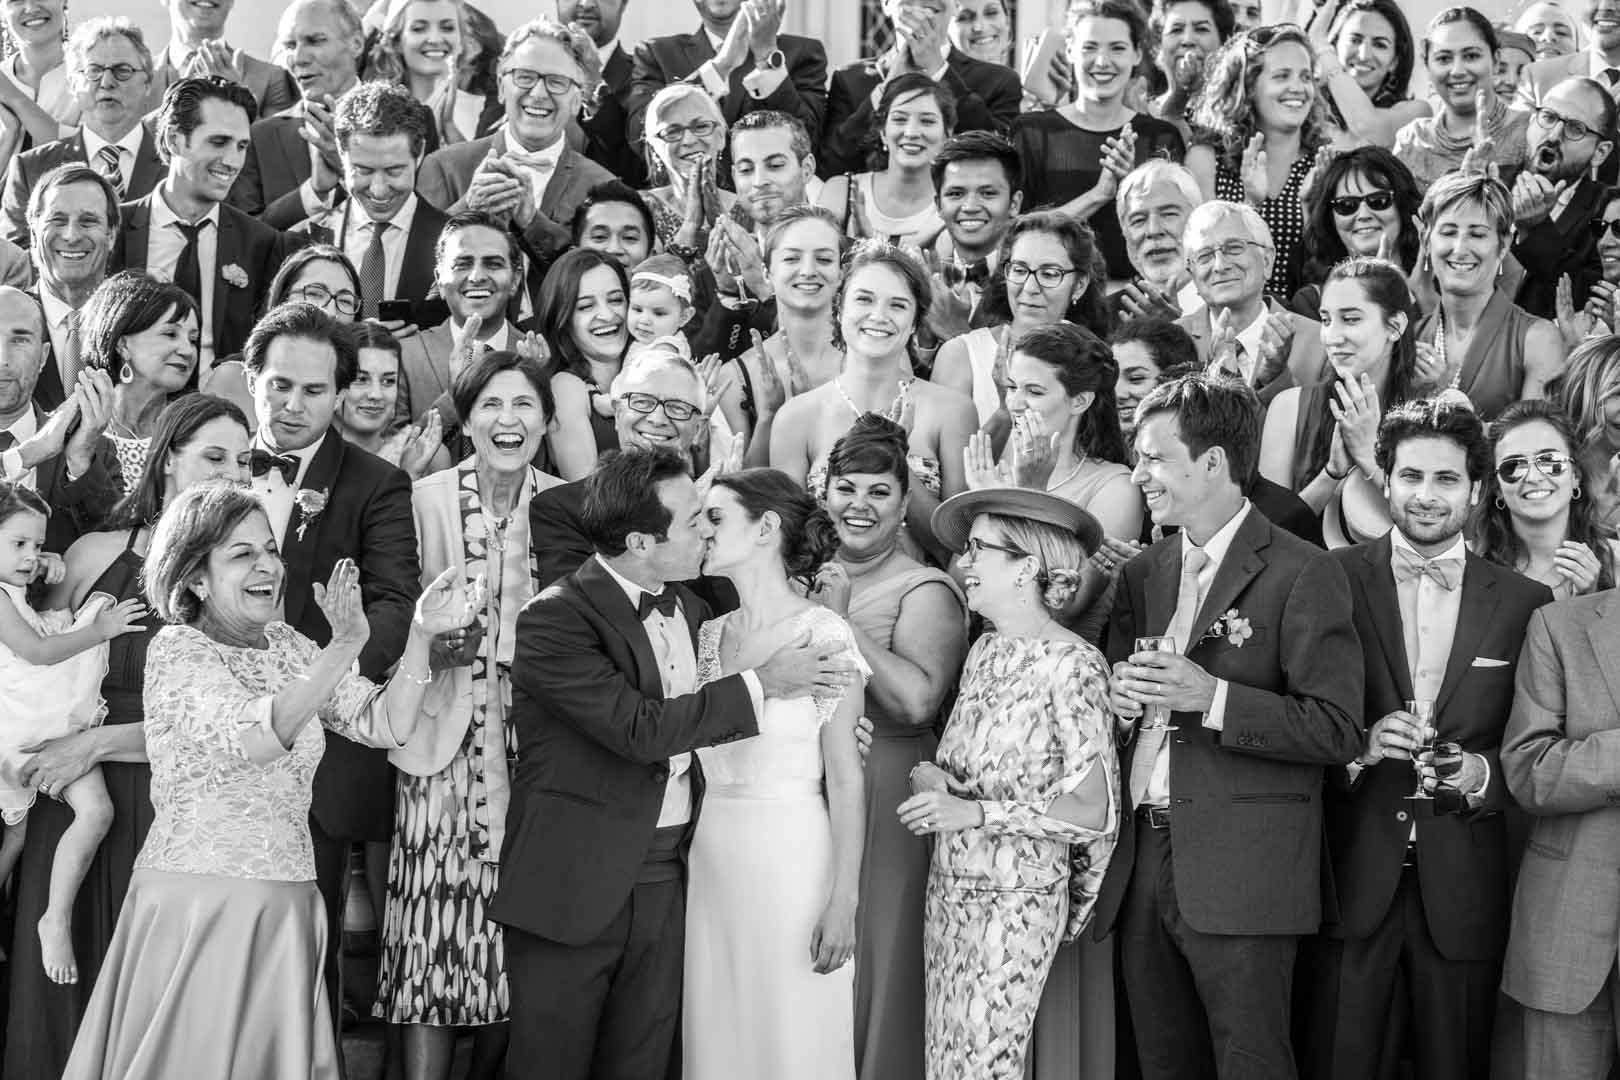 Photo de groupe, les mariés s'embrassent en premier plan. Mariage au chateau du Pape Clément à Bordeaux